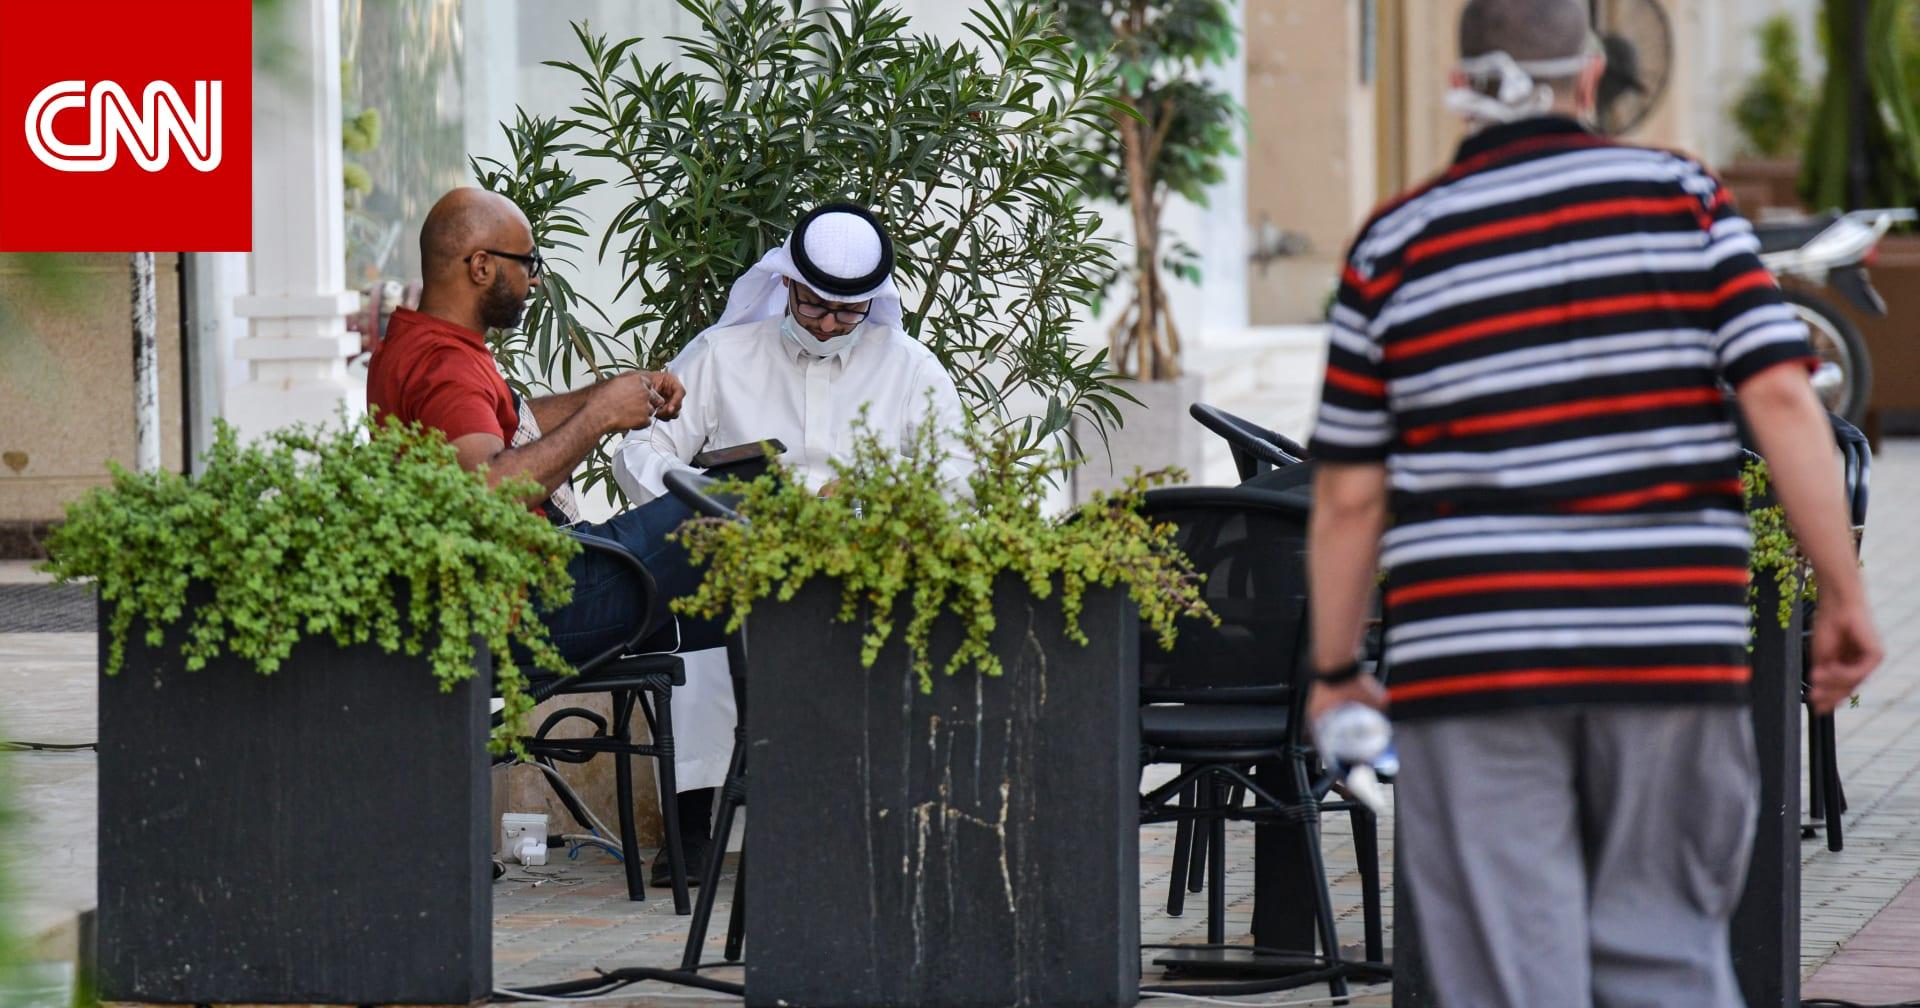 السعودية.. تفاصيل العقوبات ومضاعفاتها بحق المخالفين لإجراءات التجمعات الاحترازية